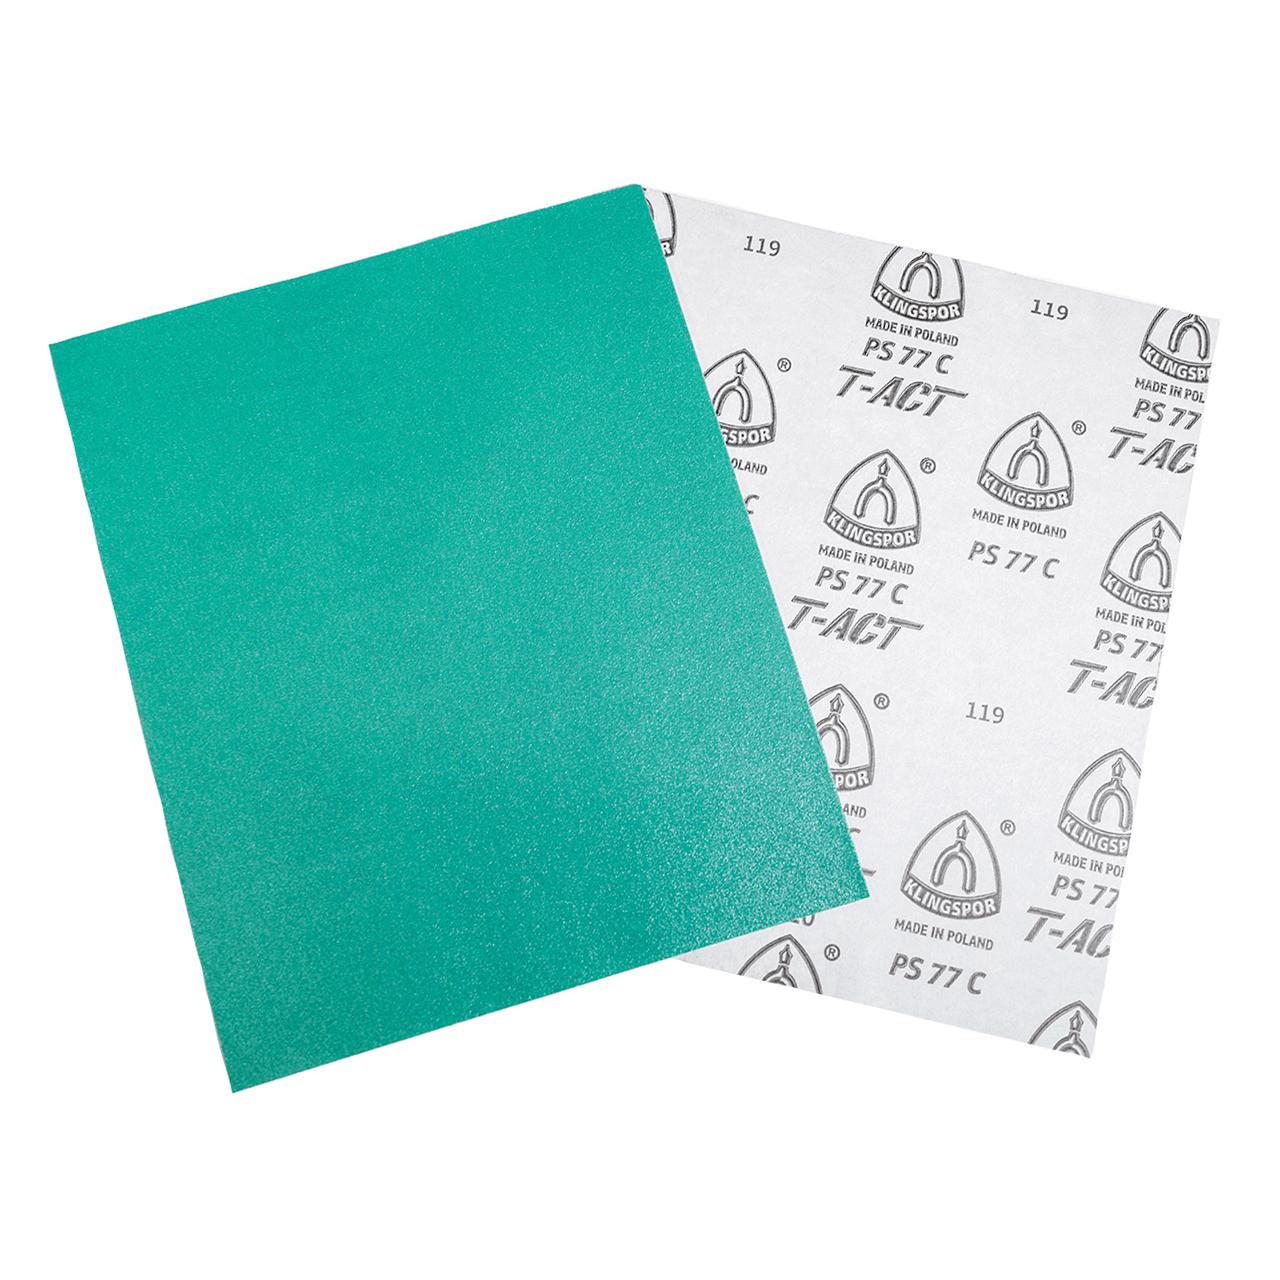 9x11 Klingspor Abrasives GreenTec 120 Grit Sheet 5pk